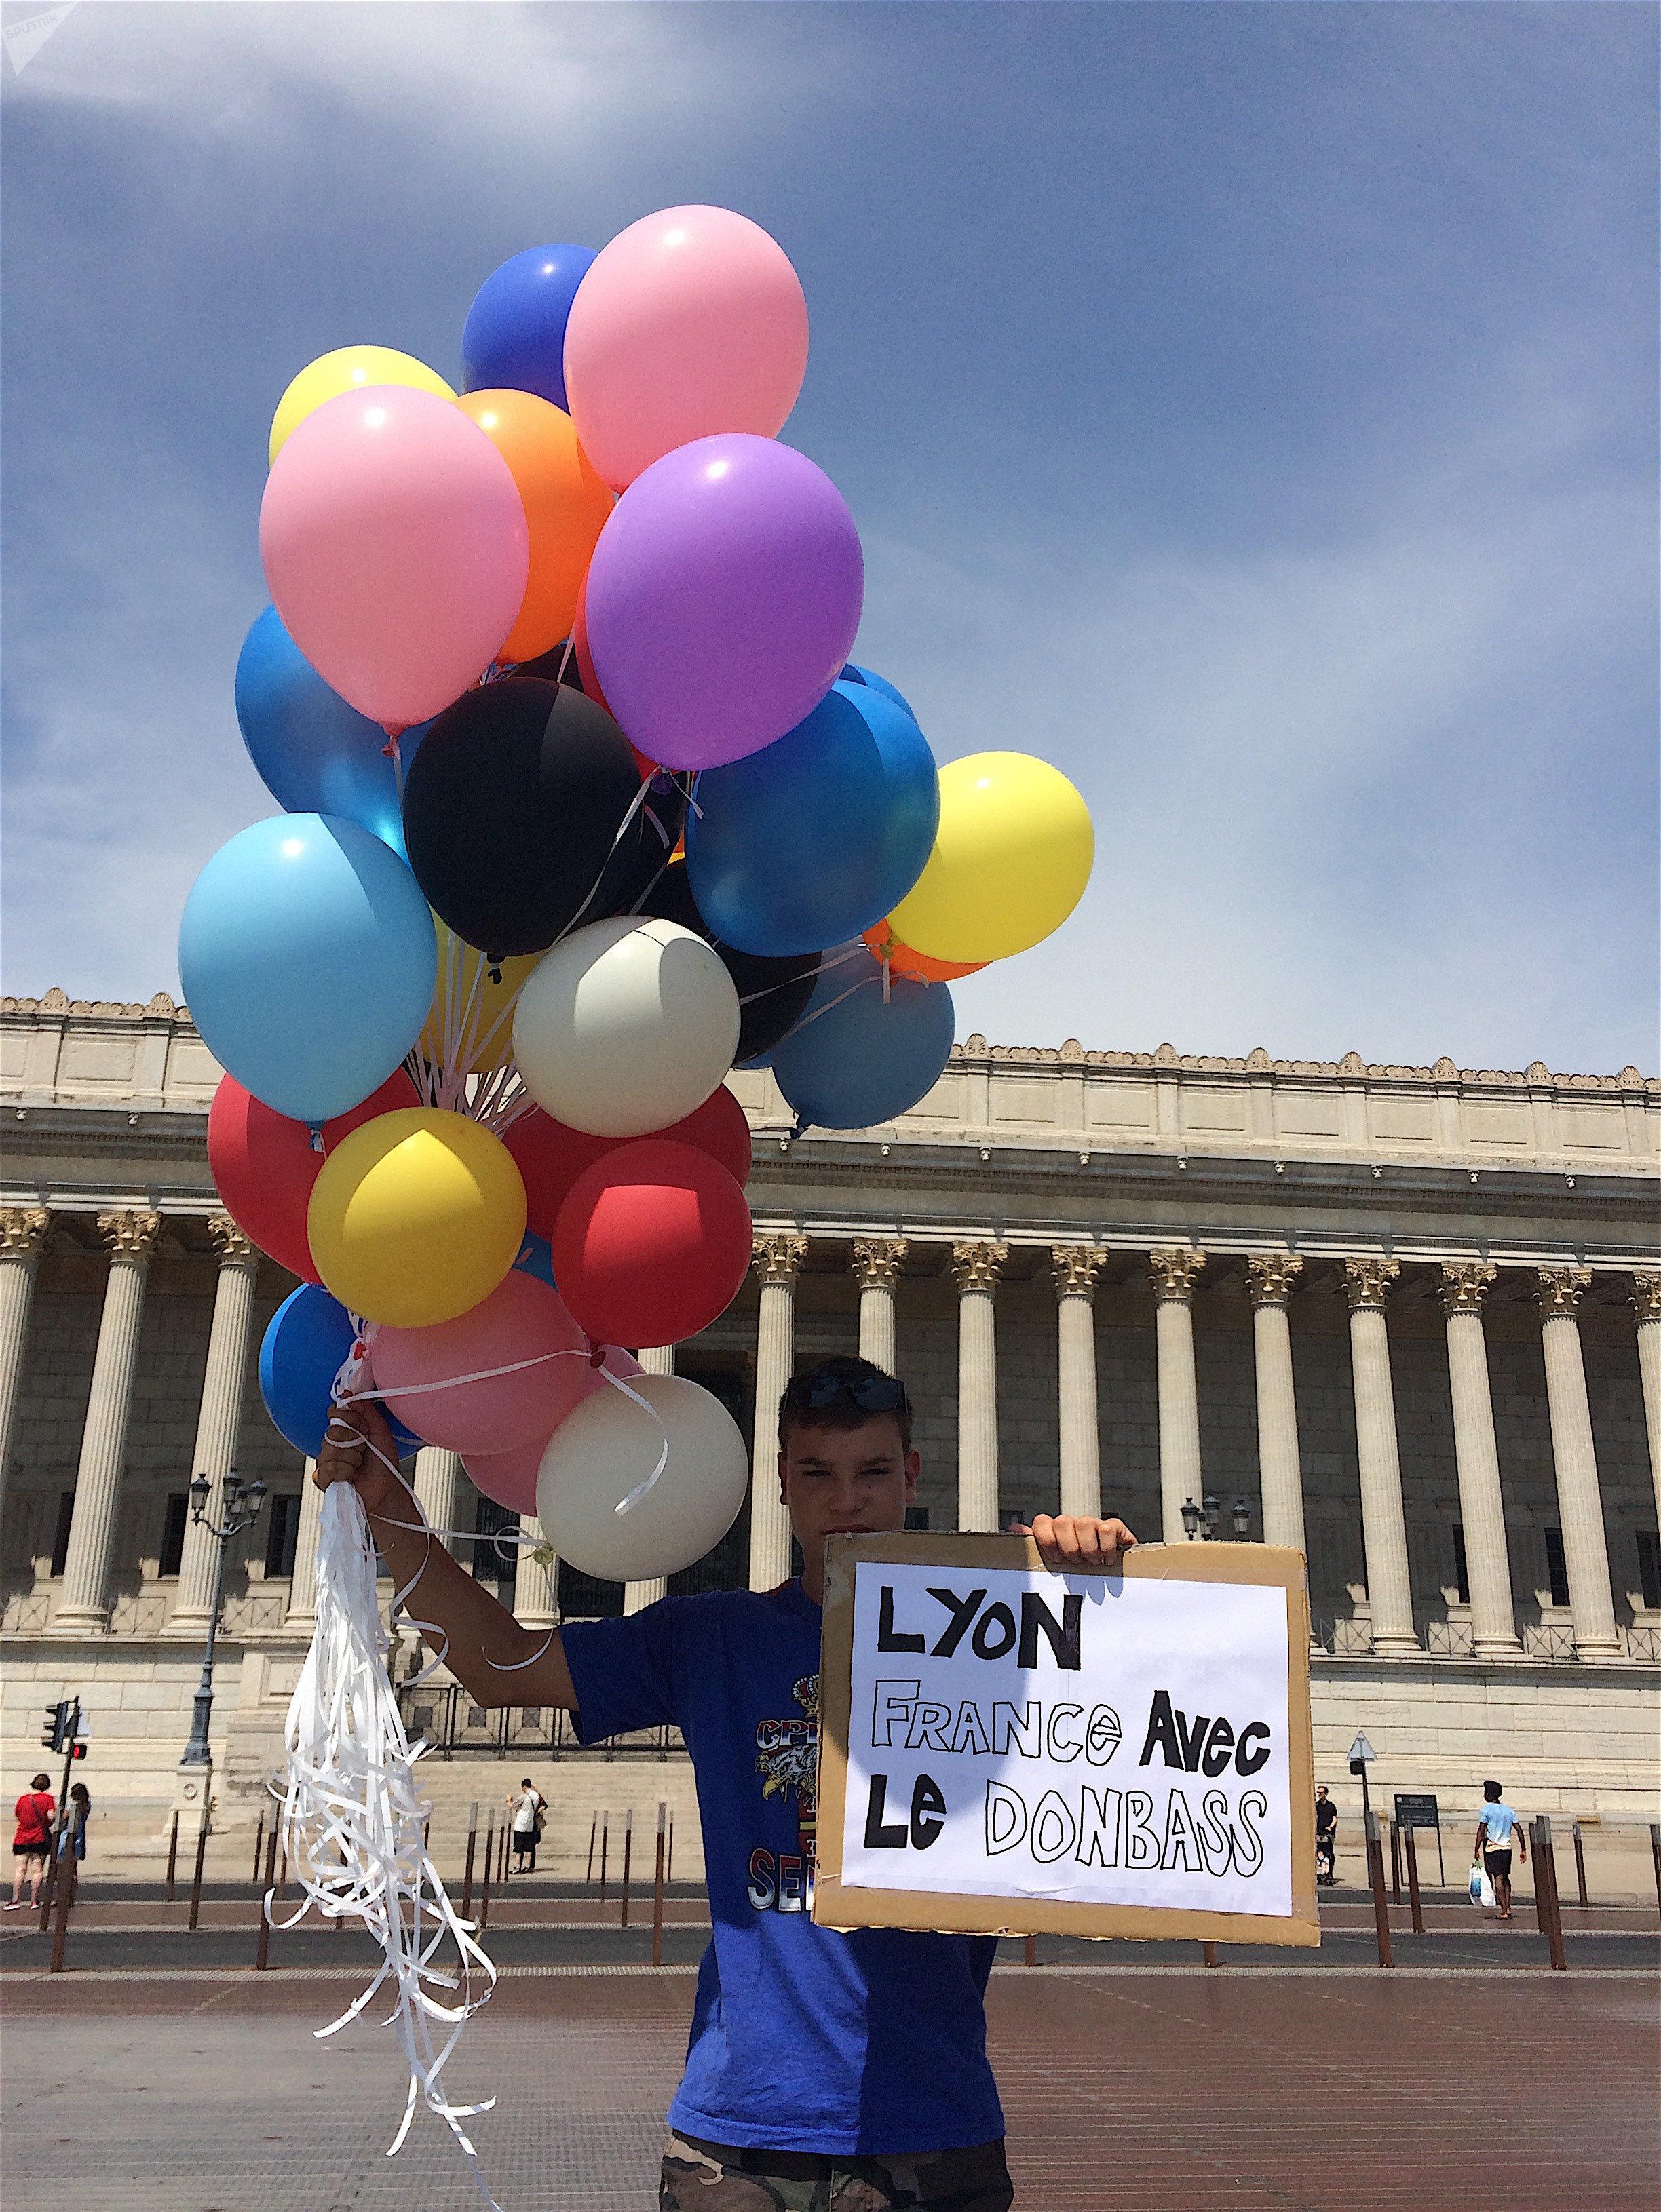 Un lâcher de ballons à Lyon en hommage aux enfants morts dans le Donbass